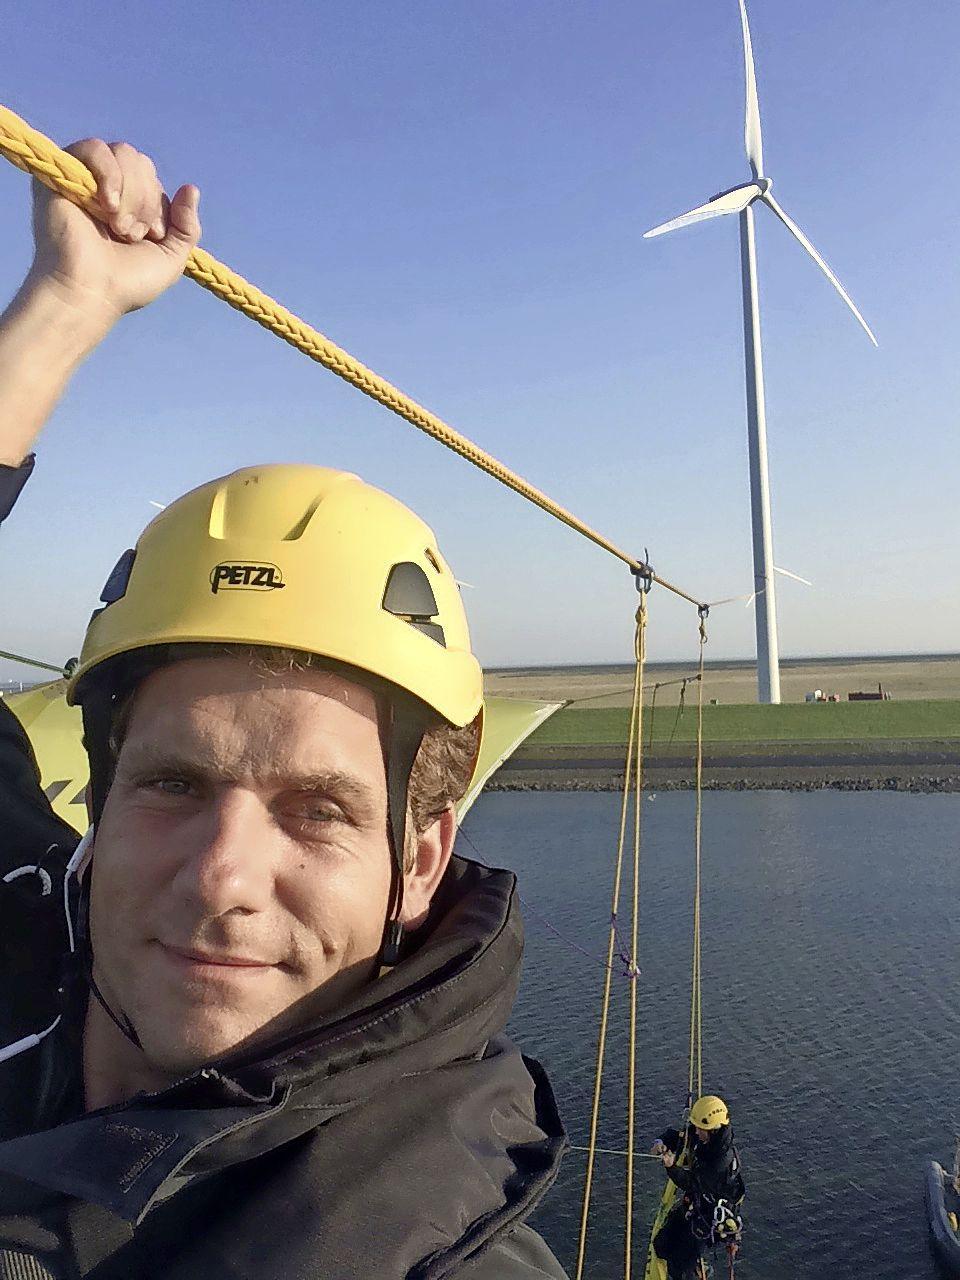 Drie vragen aan Tweede Kamer-kandidaat Joris Thijssen (PvdA): 'De vervuilers moeten gaan betalen'